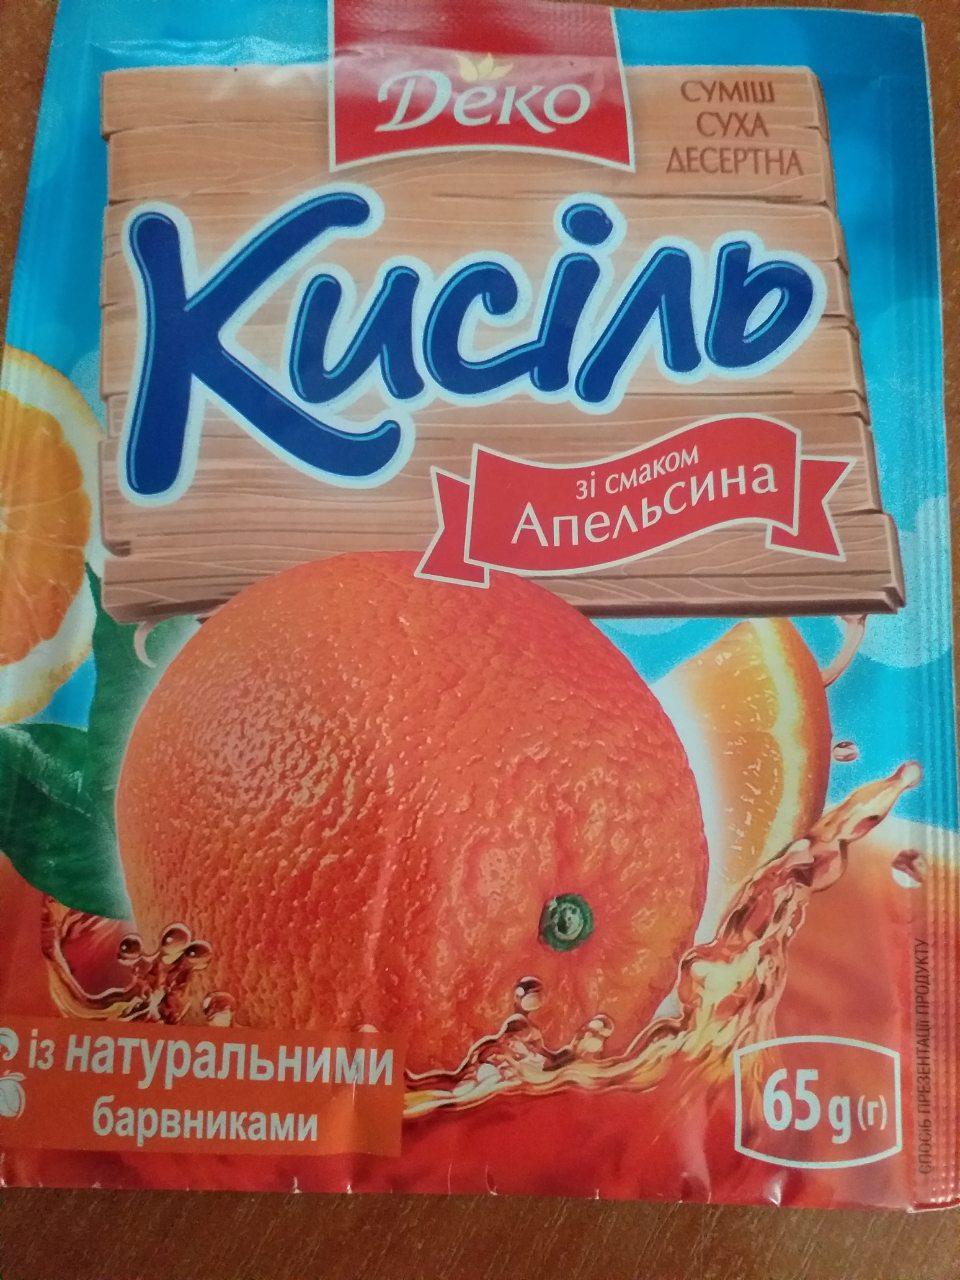 Кисіль смак апельсина 65 грам